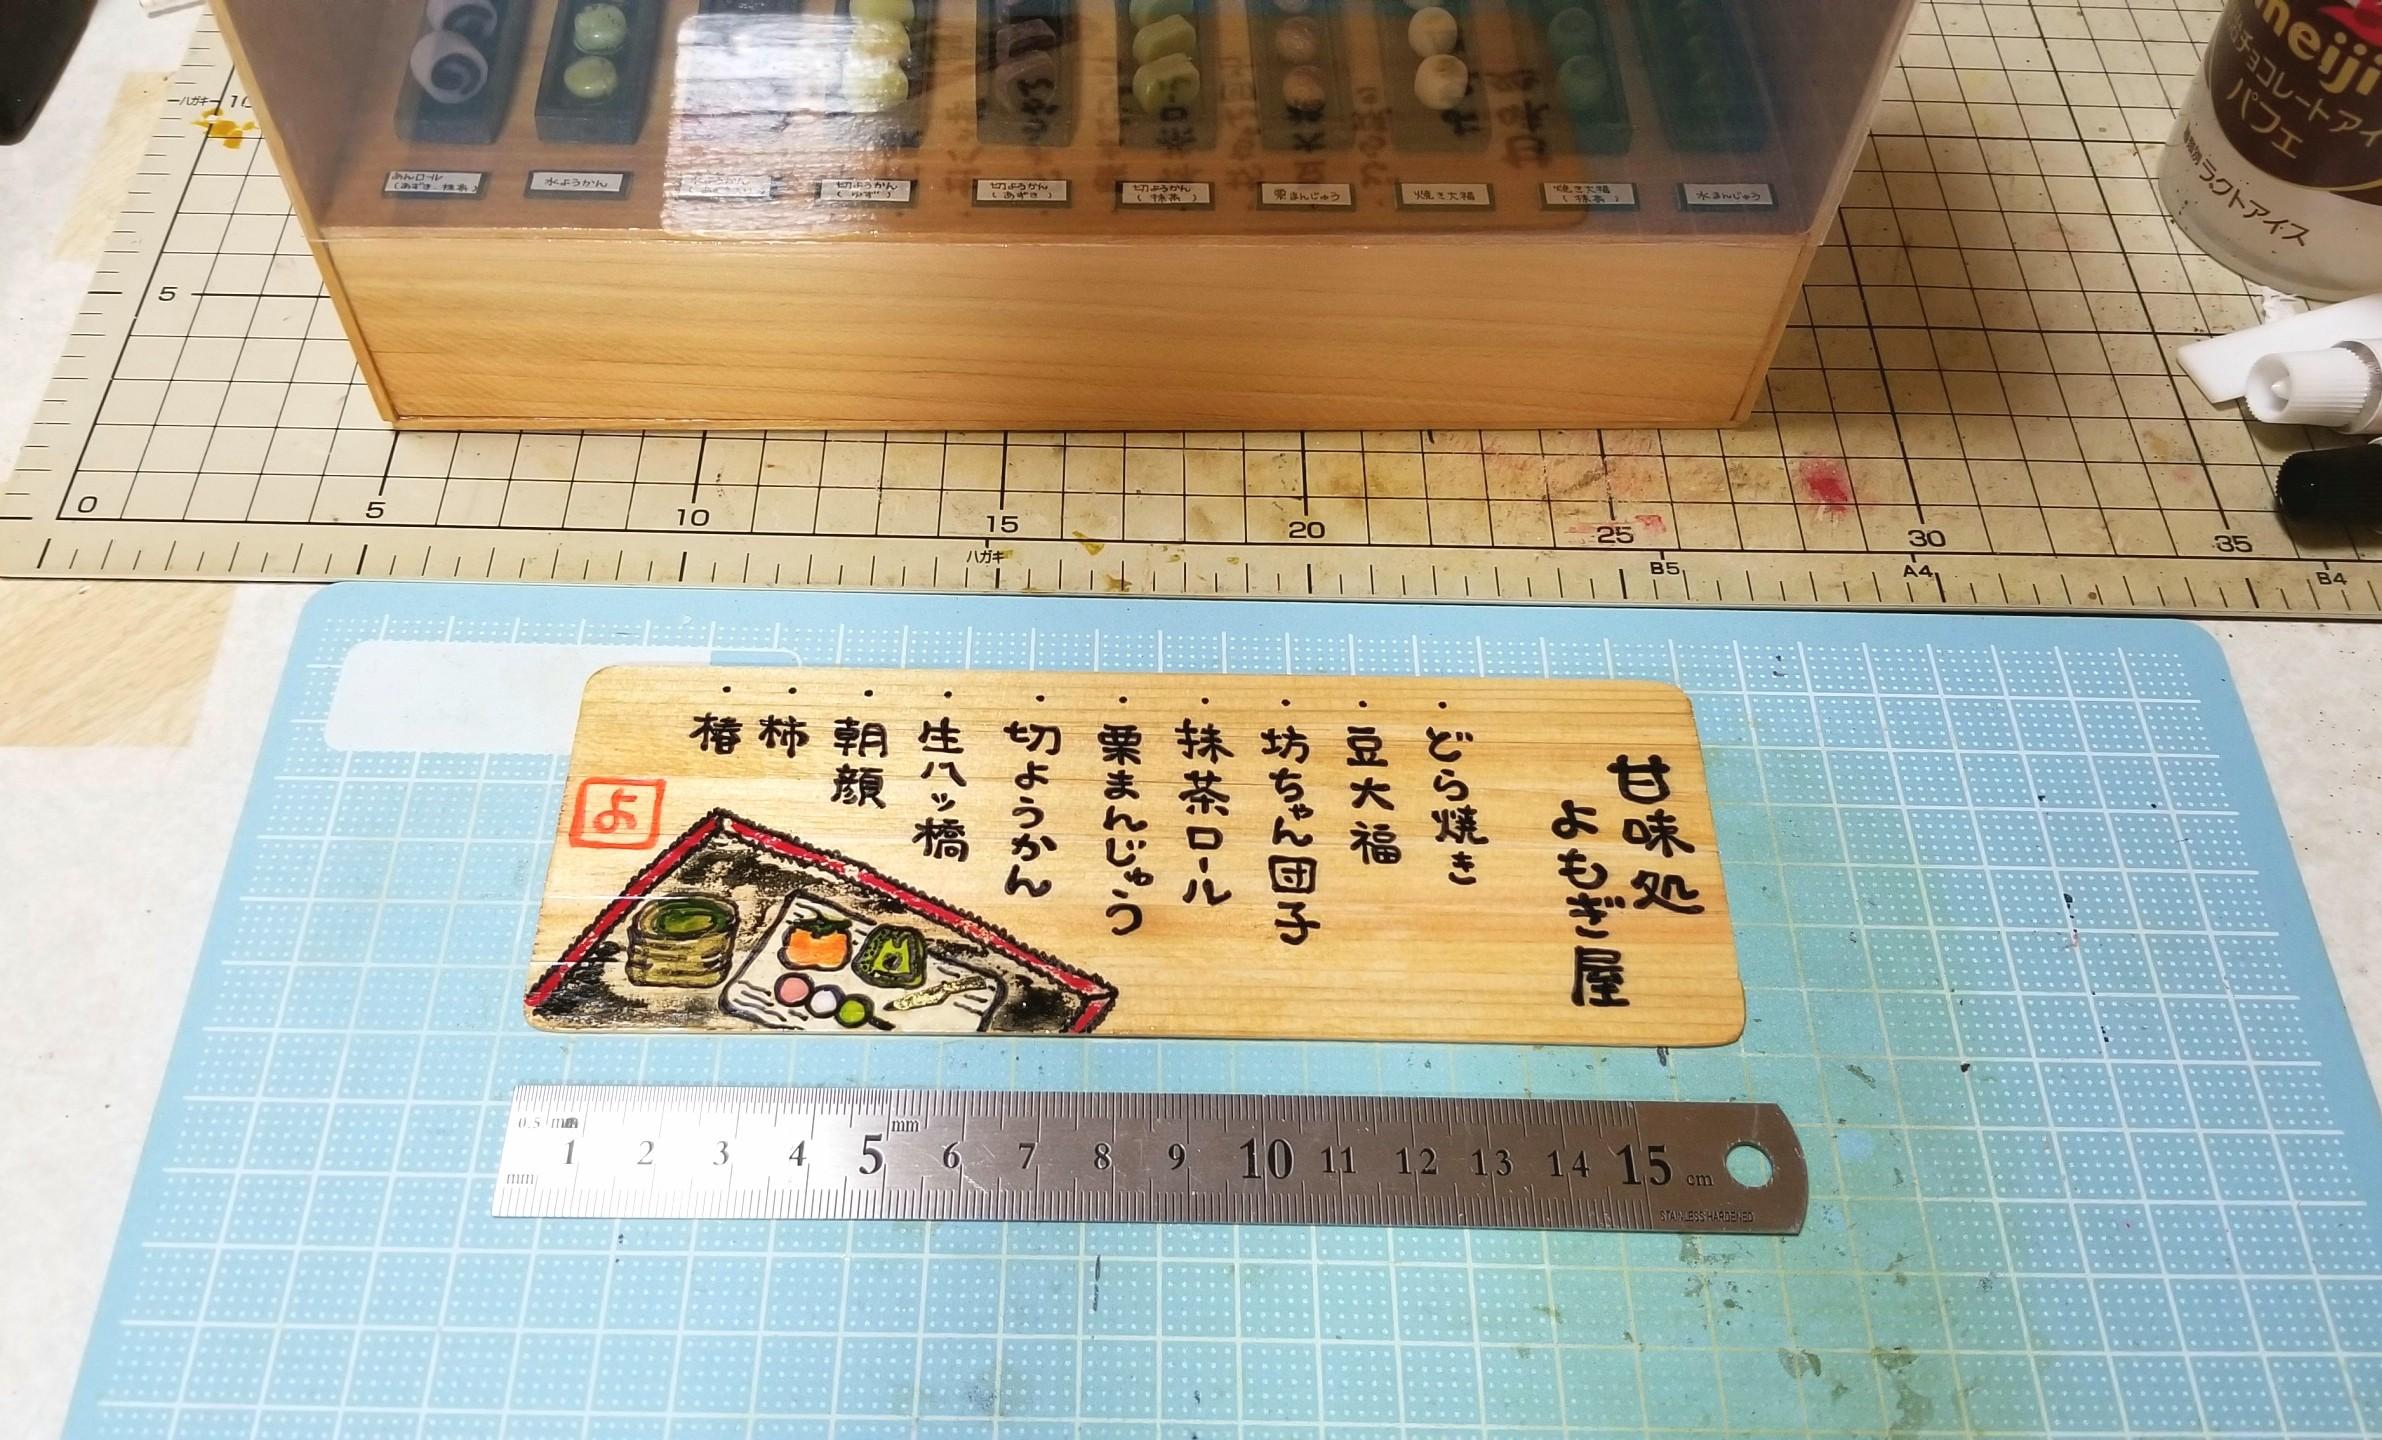 ミニチュアフード,お品書き,和菓子屋,作り方,絵,オビツ11,プーリップ